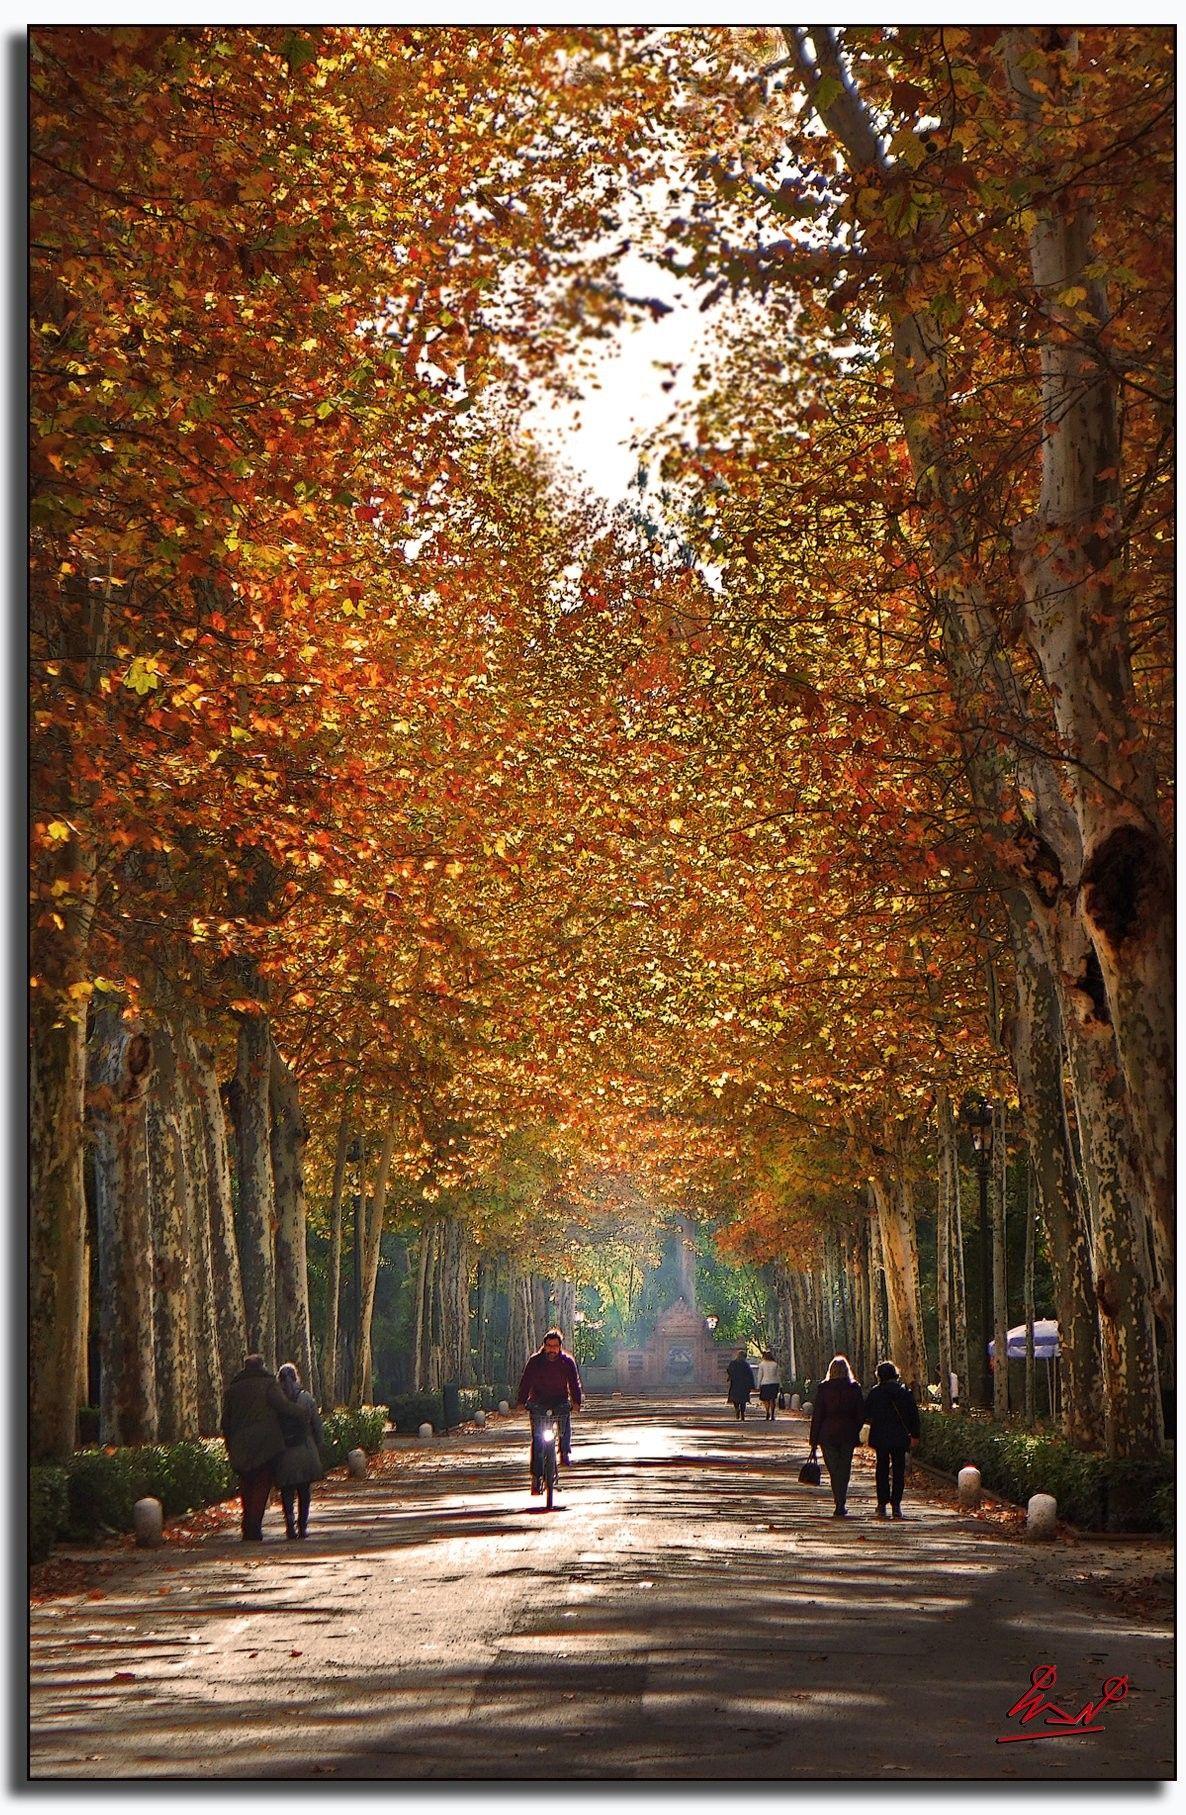 Un Paseo En Una Mañana De Otoño Por El Parque De María Luisa Ciudad De Sevilla Sevilla Paisajes